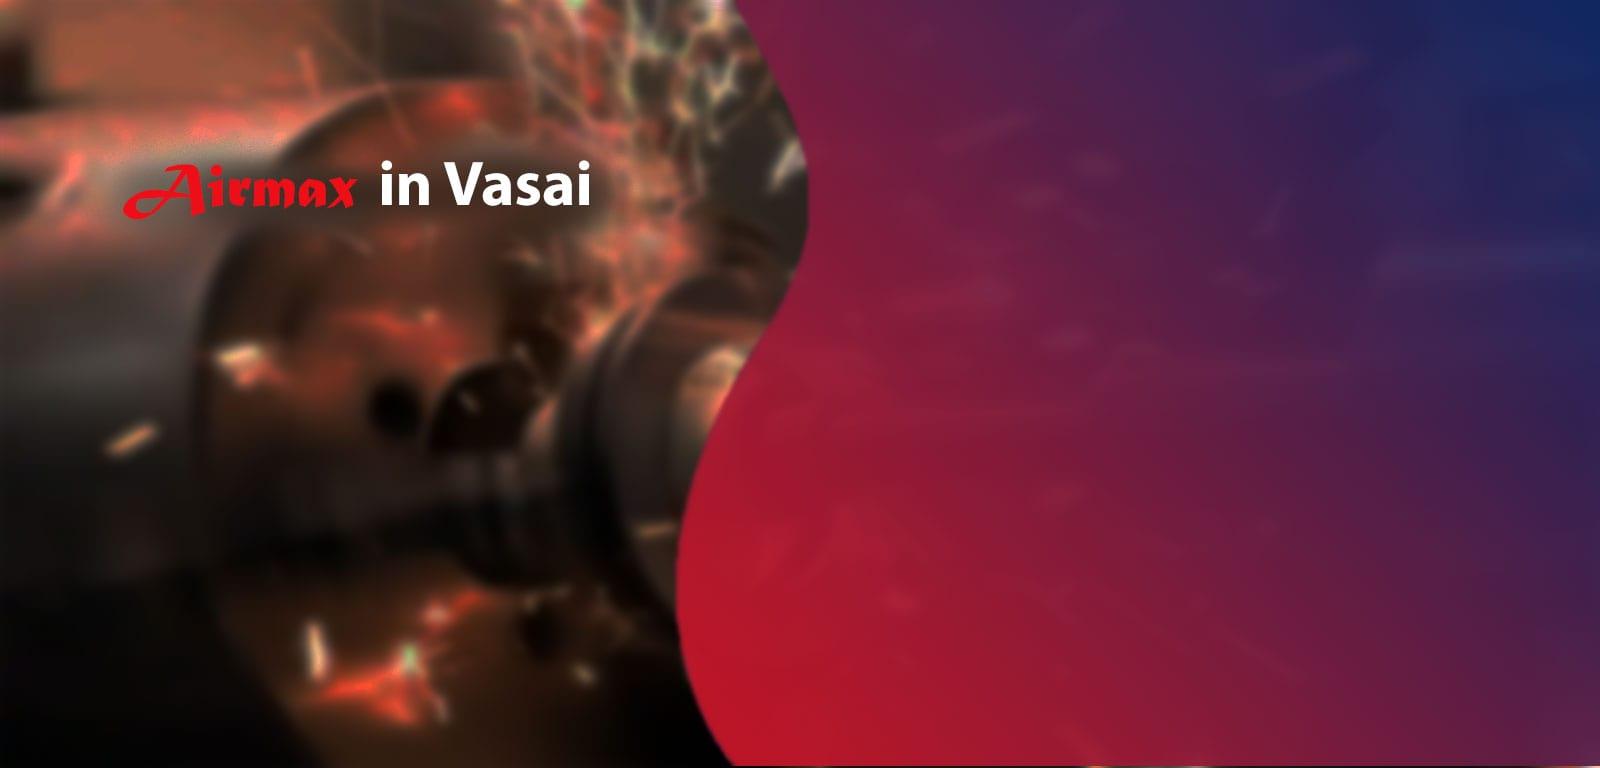 Airmax in Vasai